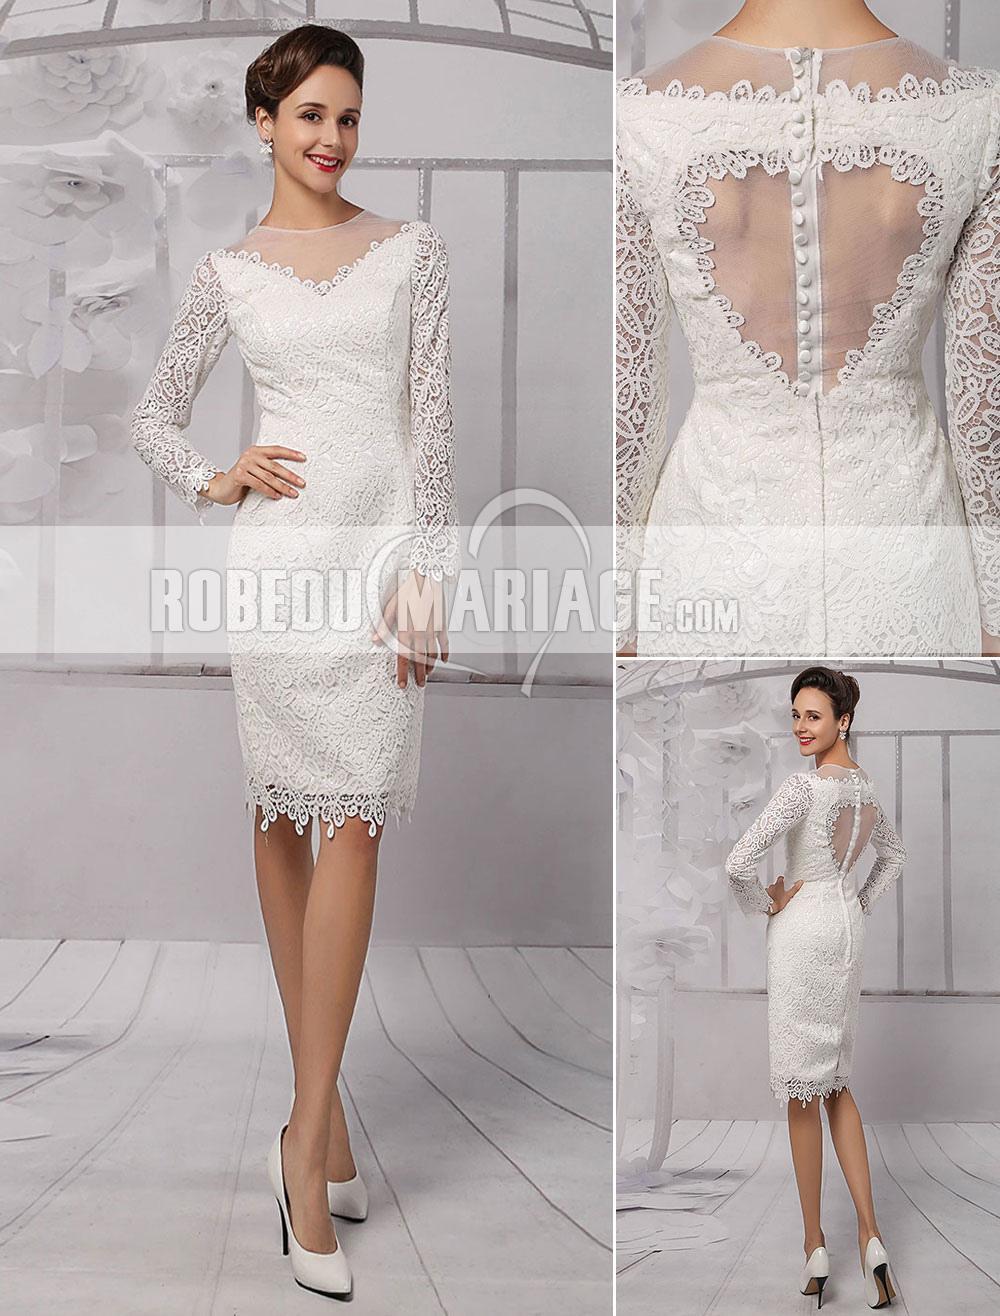 Accueil > Robe de mariage > Robe de mariée civile > Col rond robe de...